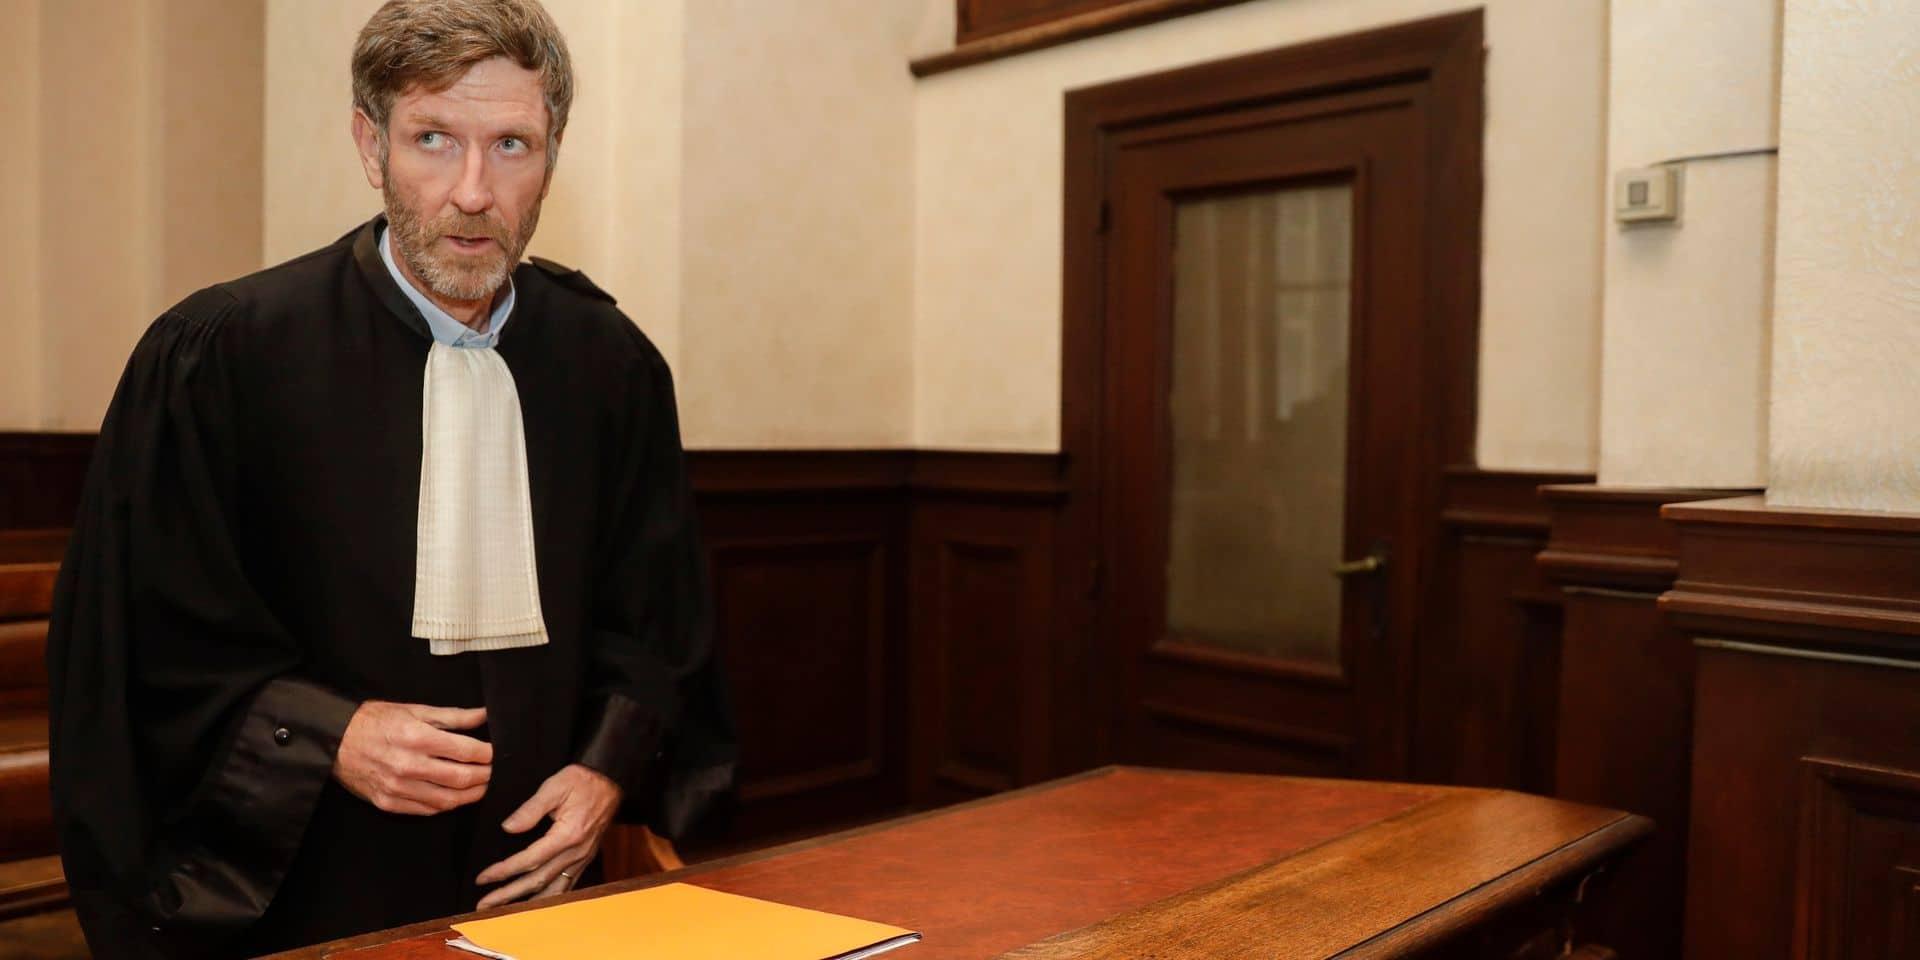 La demande de libération conditionnelle de Marc Dutroux mise sur pause suite à un rapport psychologique désastreux